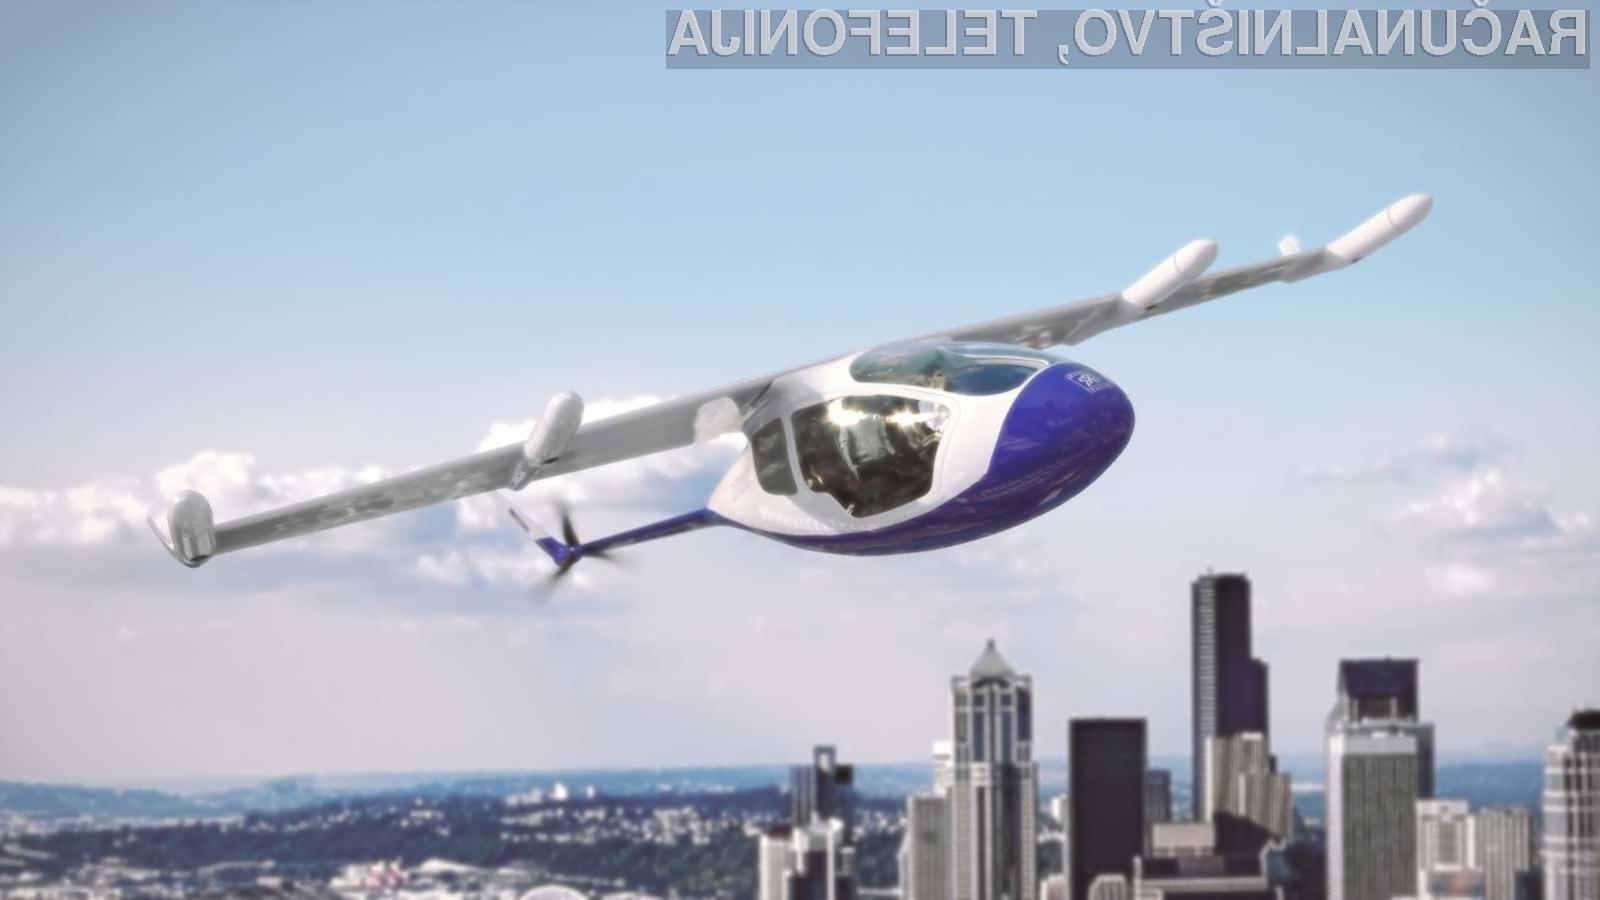 V letu 2020 naj bi že lahko uporabljali leteče taksije za prevoz med večjimi mesti!